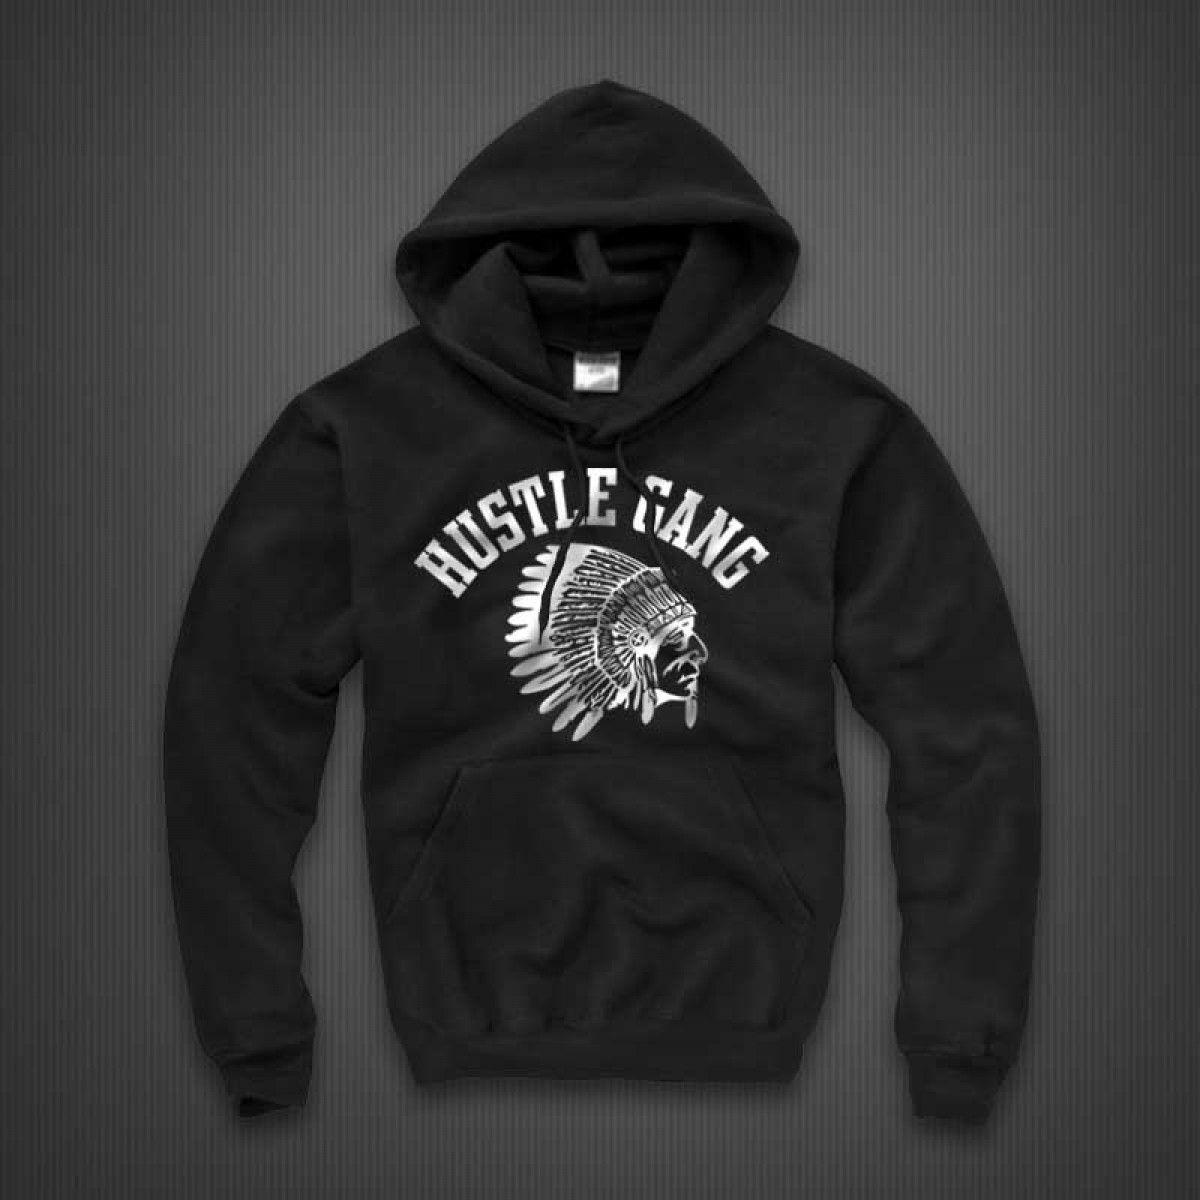 Hustle Gang Black Hoodie 1200x1200 Jpg 1200 1200 Hoodies Hustle Gang Hoodie Hoodies Men [ 1200 x 1200 Pixel ]